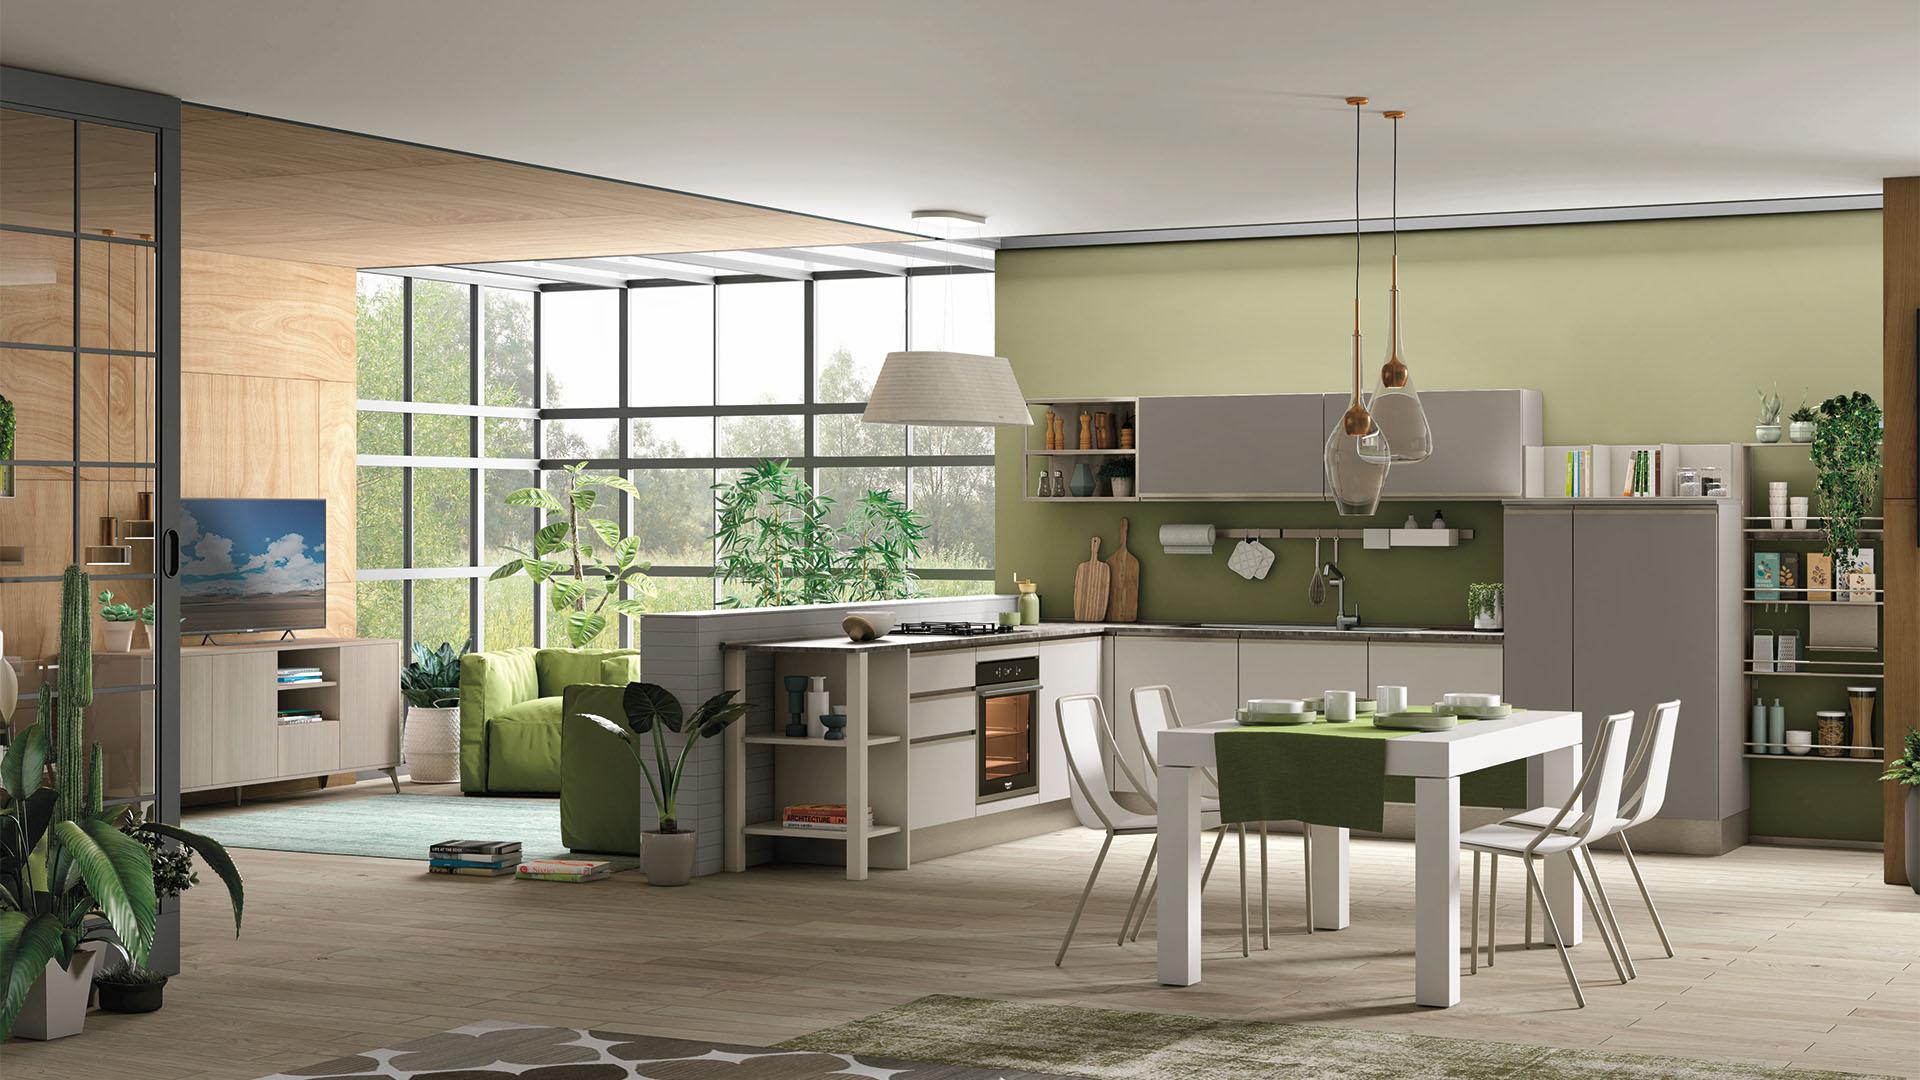 Creo Store Milano vi indica come scegliere una cucina verde - Creo ...